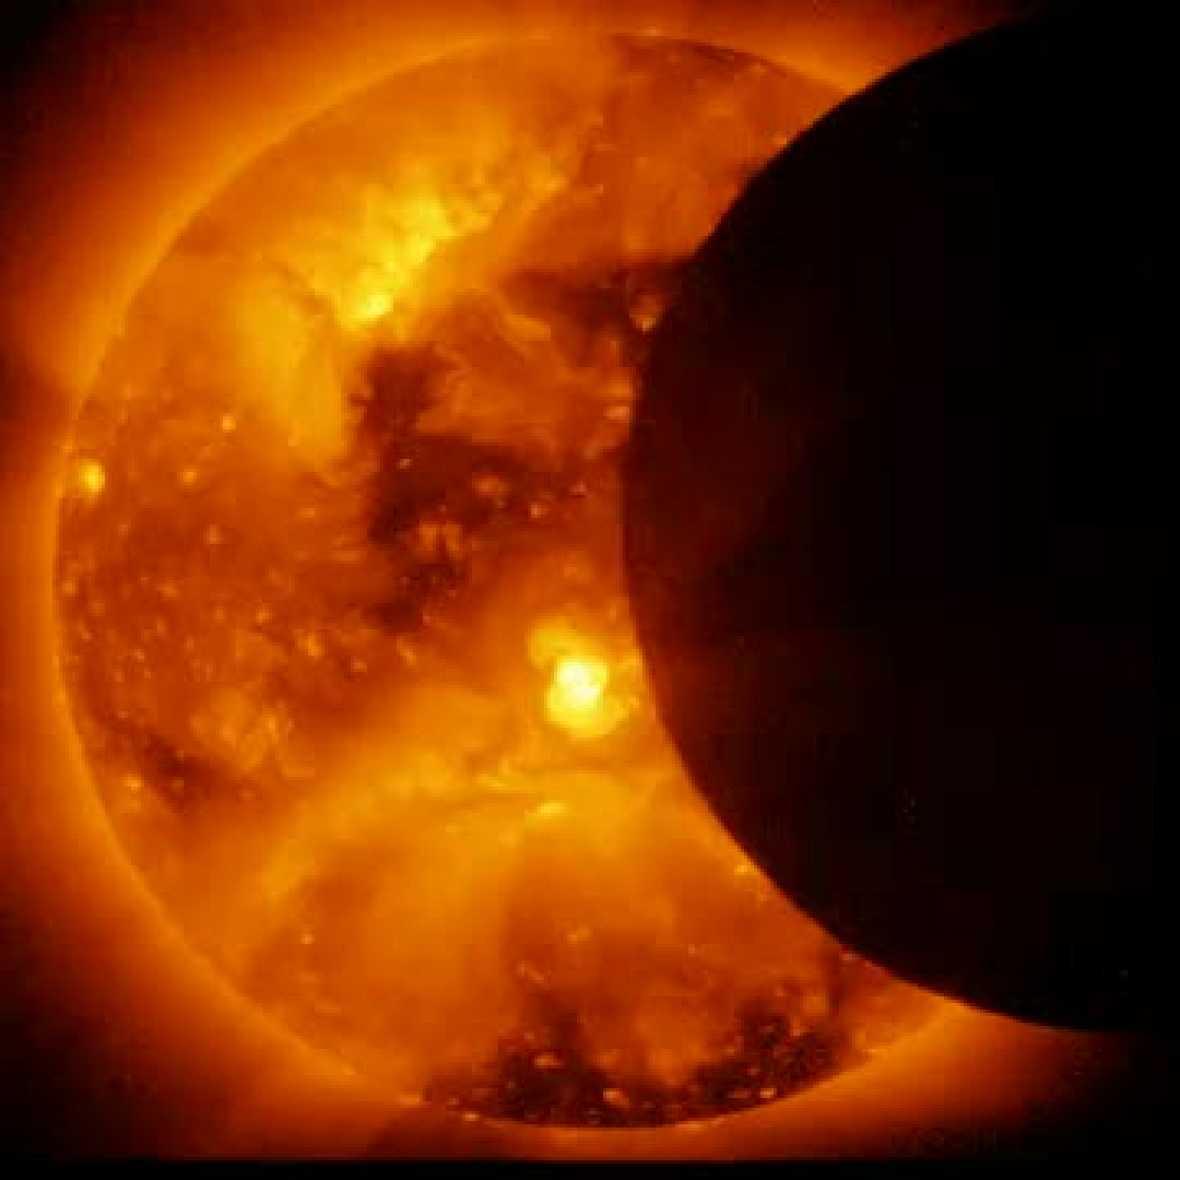 Los avanzados telescopios solares del satélite Hinode grabaron el eclipse anular del pasado 4 de enero en todo su esplendor. Un eclipse anular se produce cuando la Luna no puede tapar totalmente el disco solar por estar un poco más alejada de la Ti